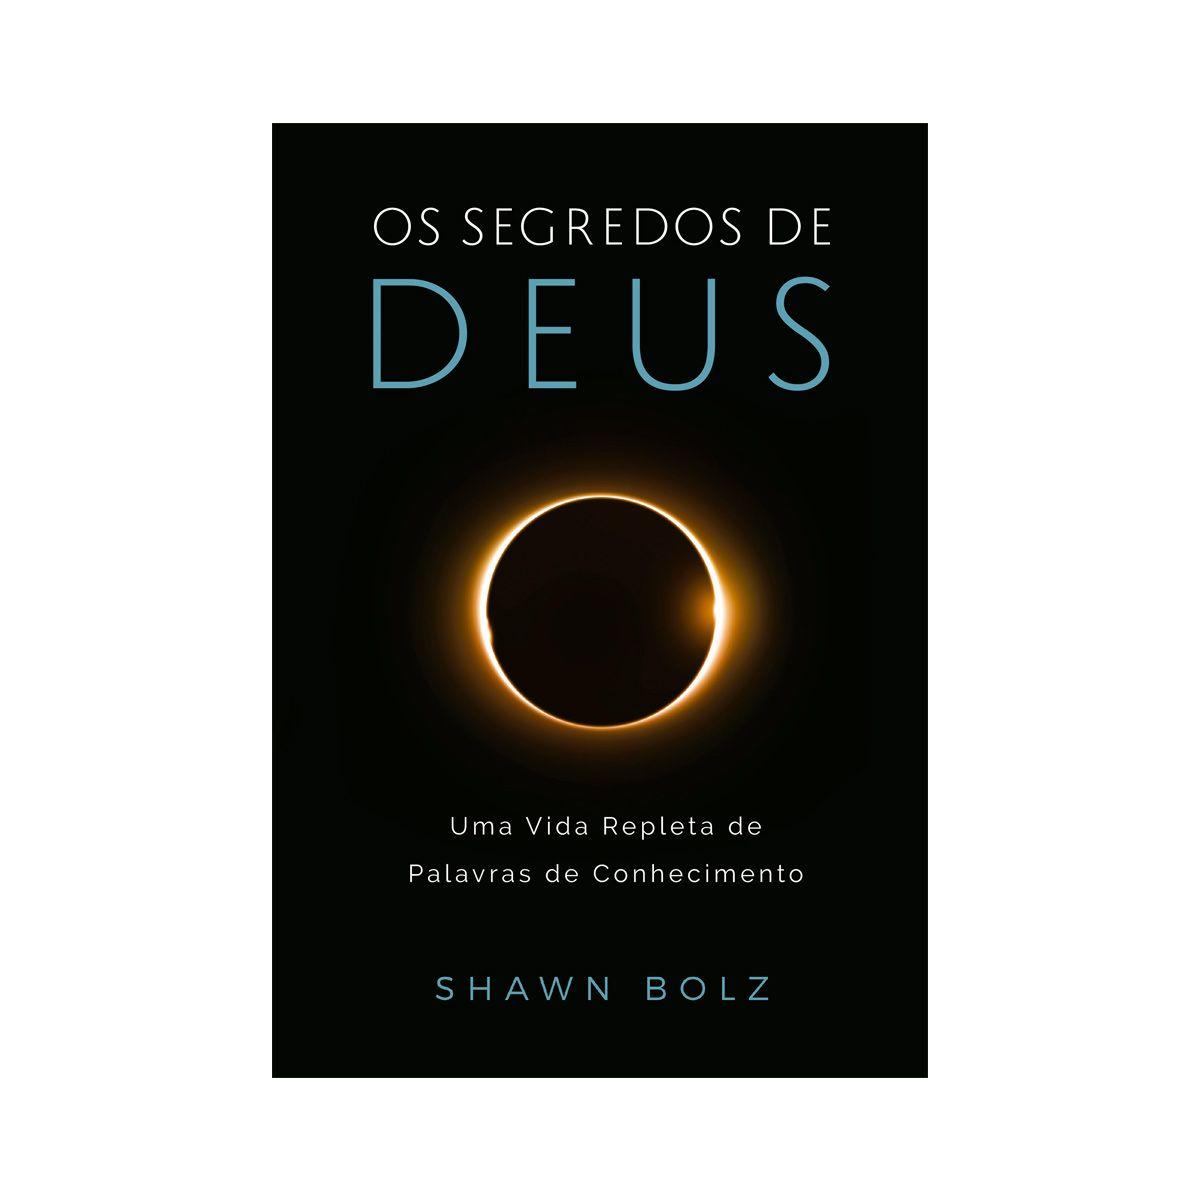 Os Segredos de Deus - Shawn Bolz   - Jesuscopy